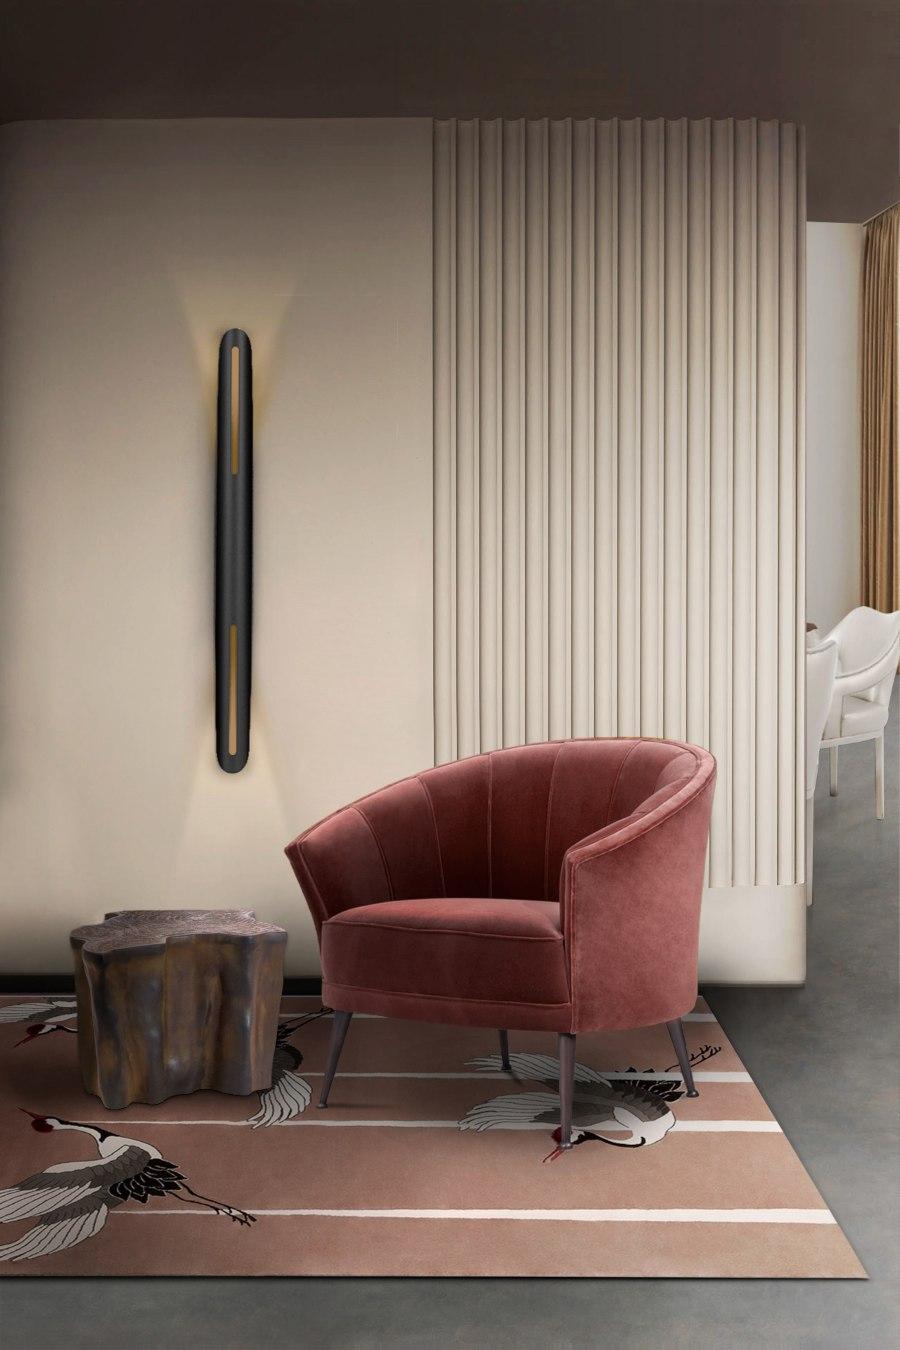 Modern Design Inspiration Home Decor and Ideas  home inspiration ideas